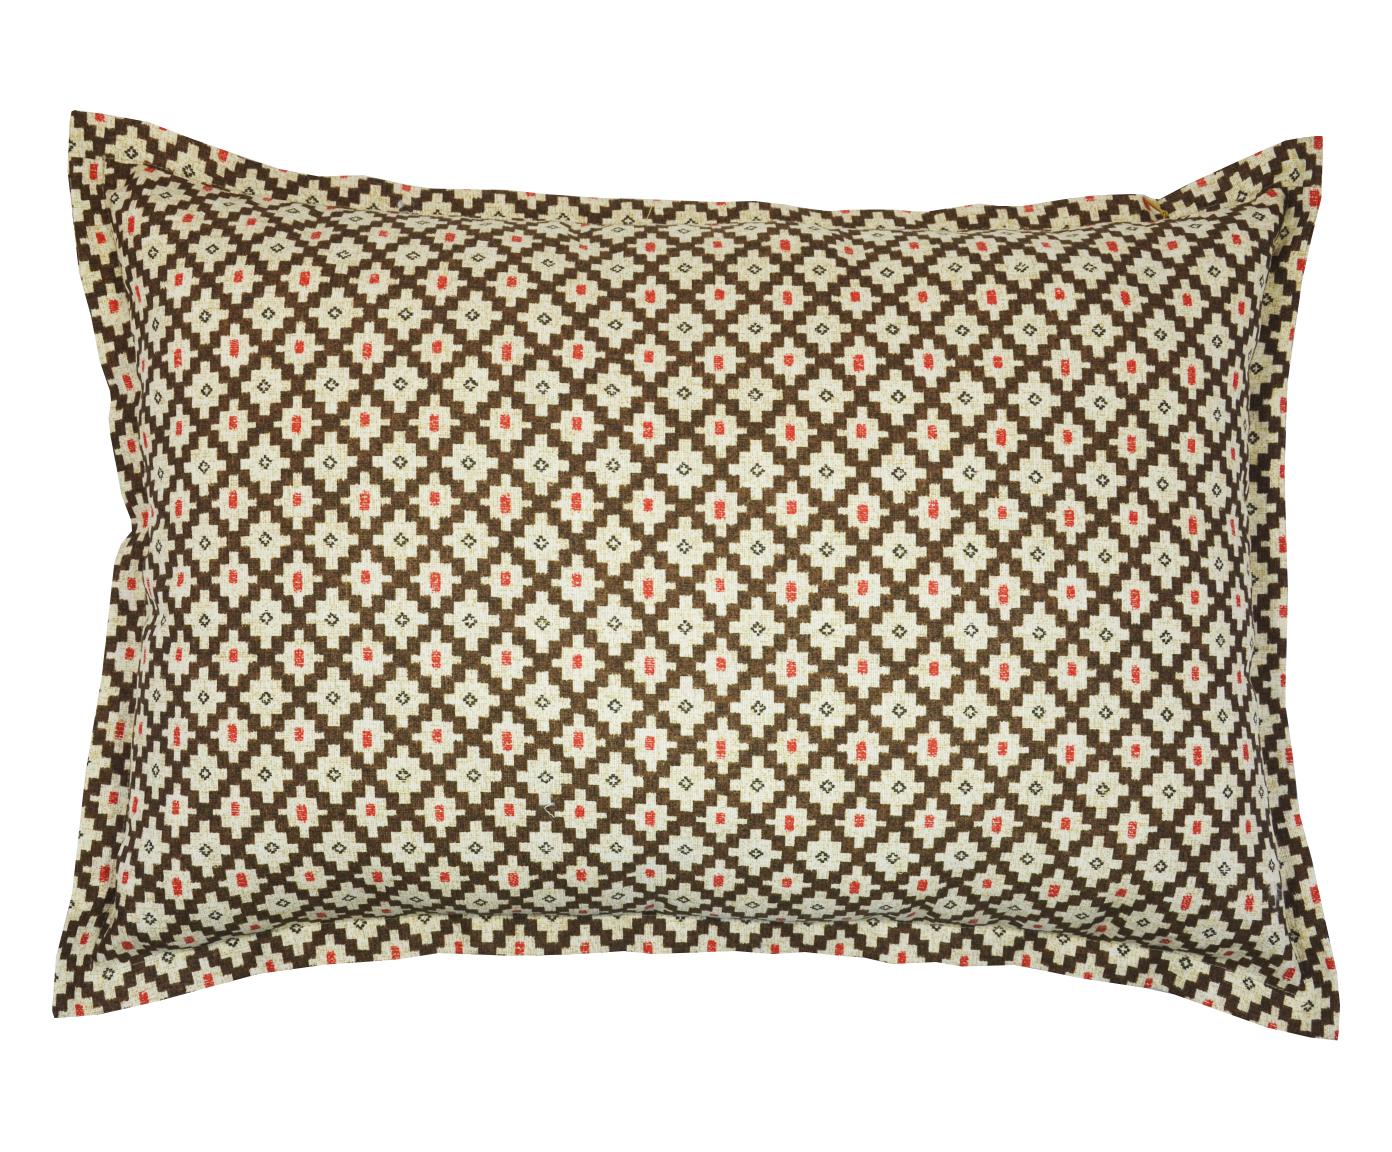 Наволочка Calella brownПрямоугольные подушки<br>Наволочка декоративная для подушки размером 50х70 см.<br><br>Material: Хлопок<br>Width см: 65<br>Height см: 45